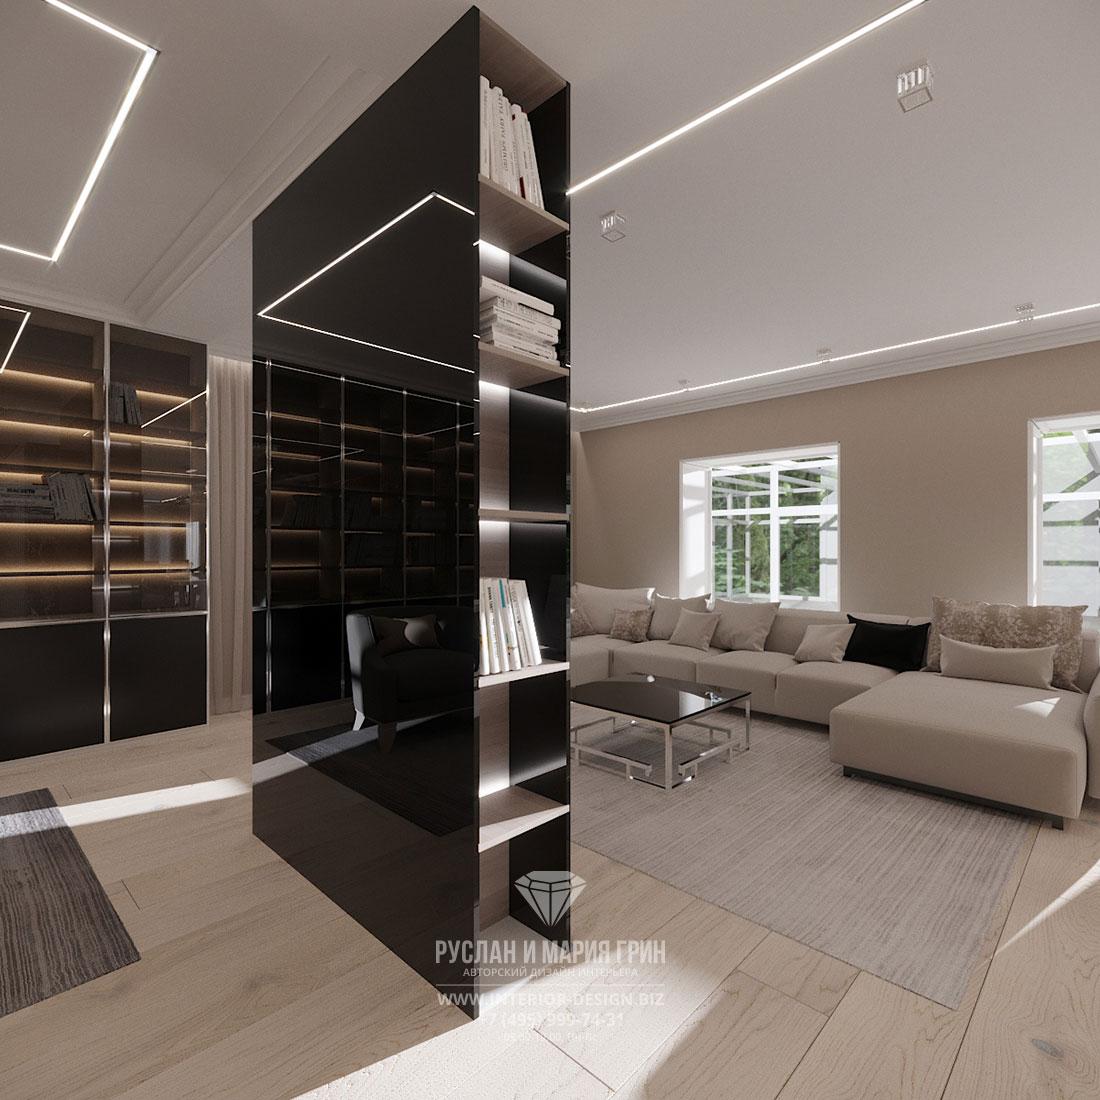 Светлая гостиная в стиле минимализм с перегородкой из черного стекла – ремонт частного дома